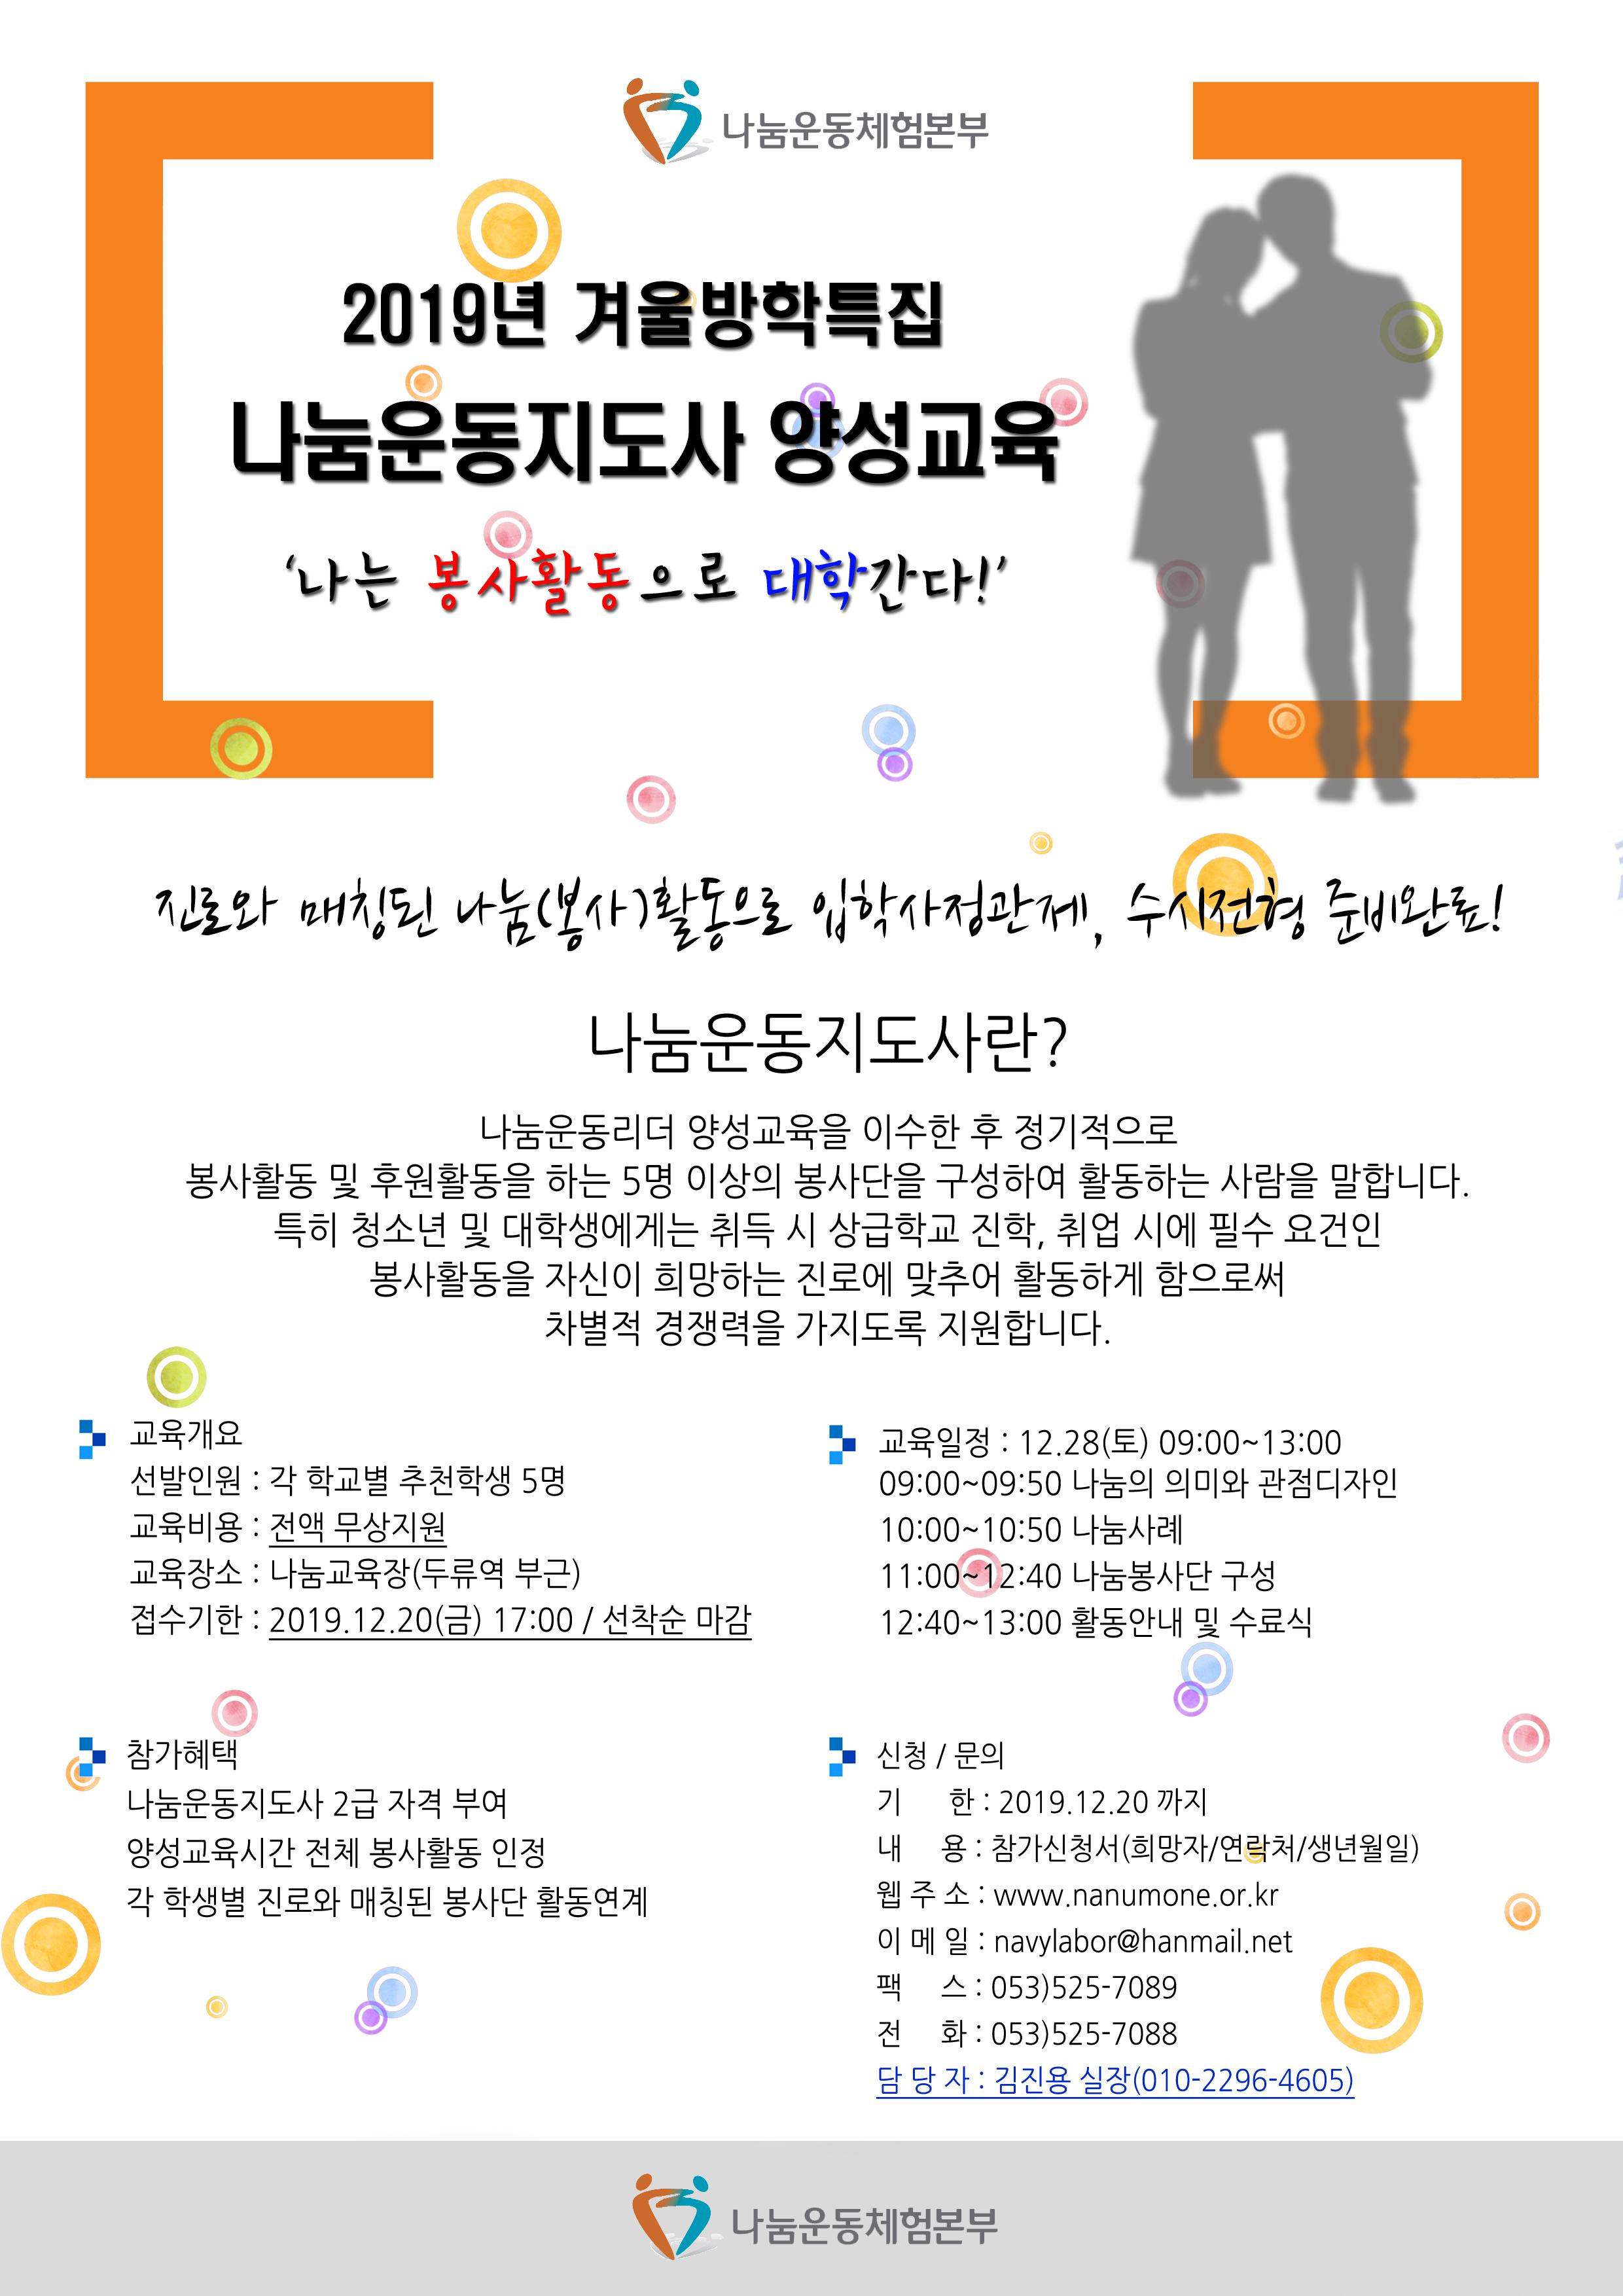 2019년겨울방학 나눔운동지도사 교육 홍보 copy.png